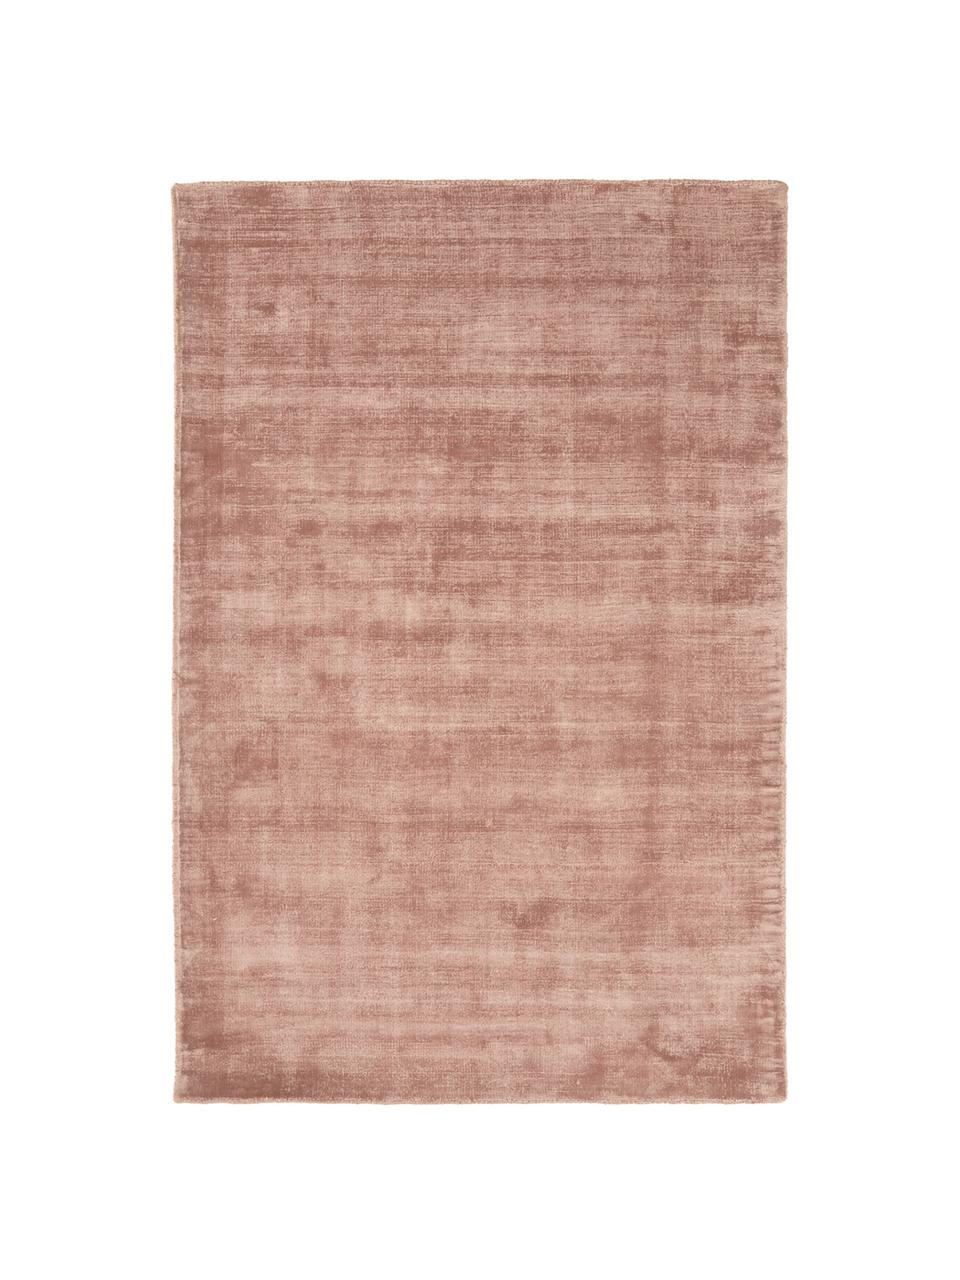 Tappeto in viscosa color terracotta tessuto a mano Jane, Retro: 100% cotone, Terracotta, Larg. 200 x Lung. 300 cm (taglia L)